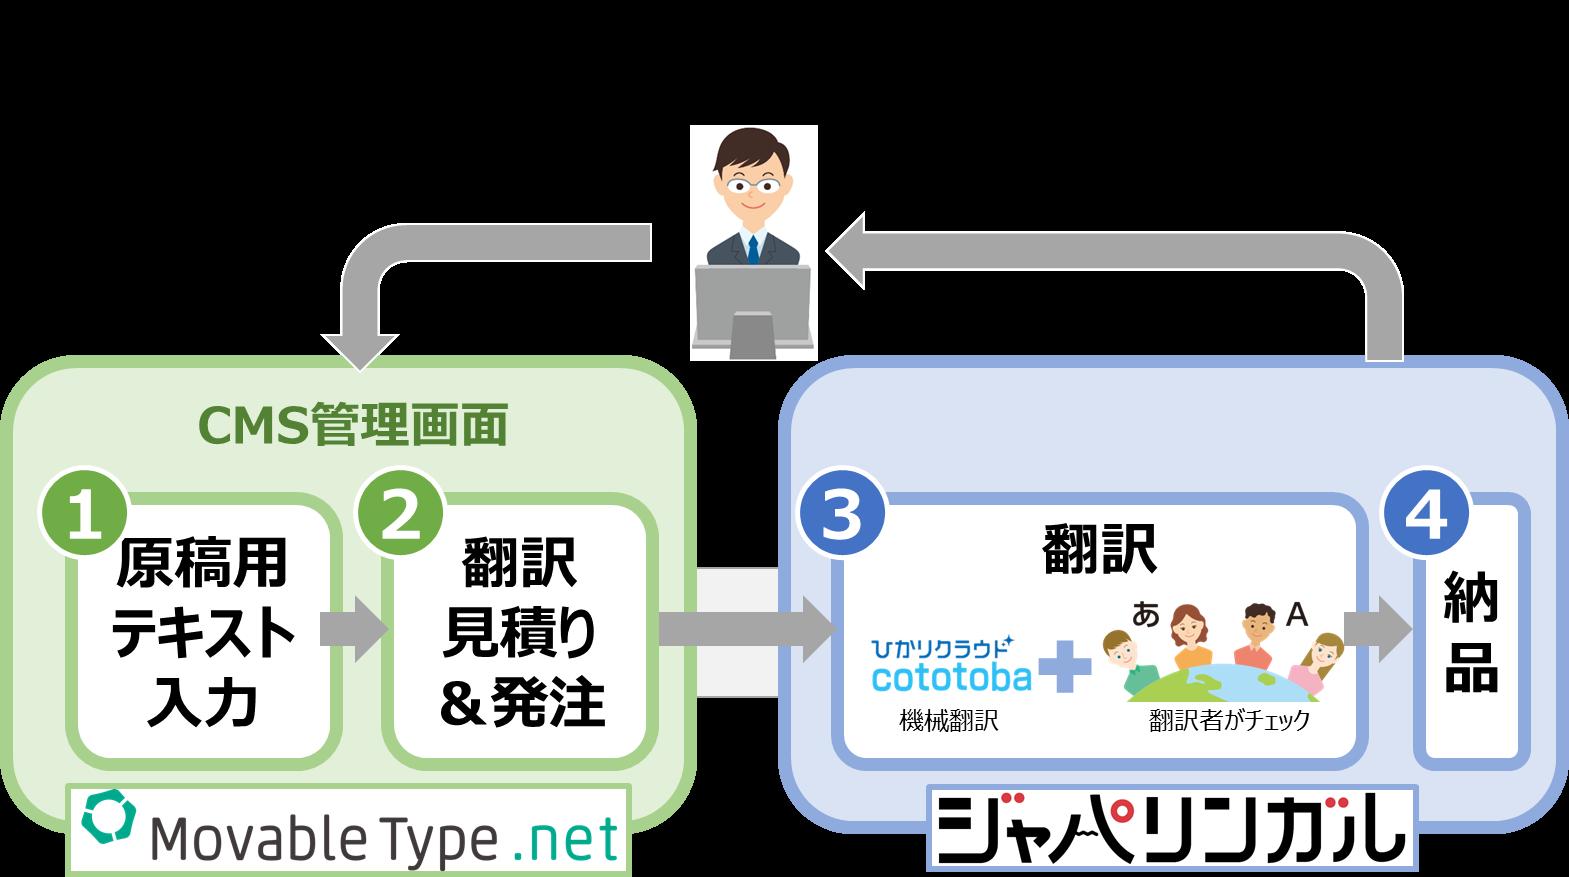 ジャパリンガル for MovableType.net 本サービスの提供フロー